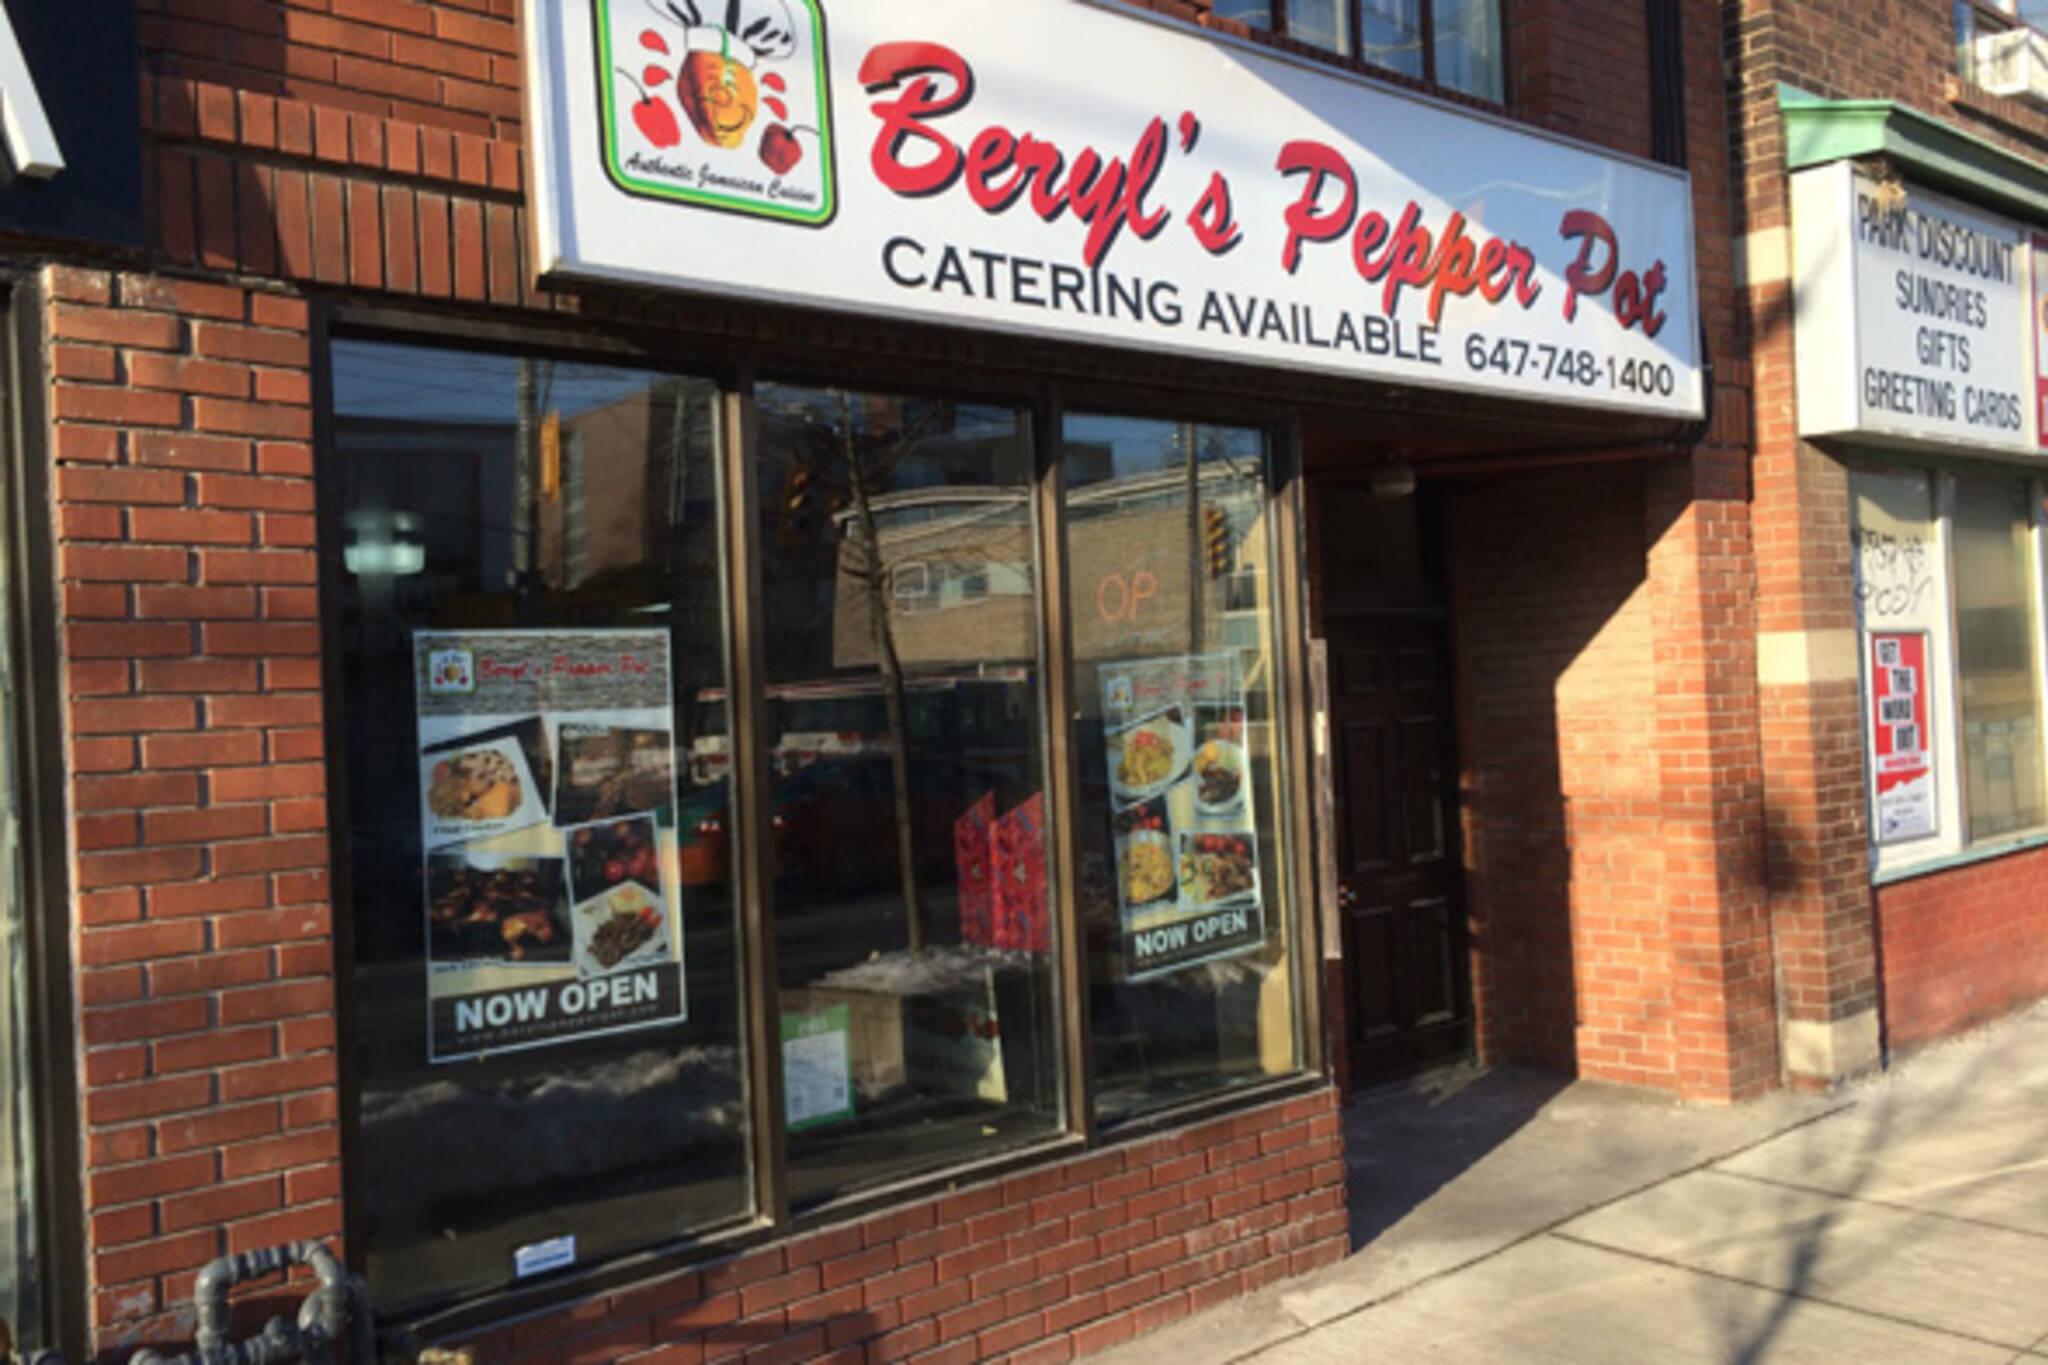 Beryls Pepper pot